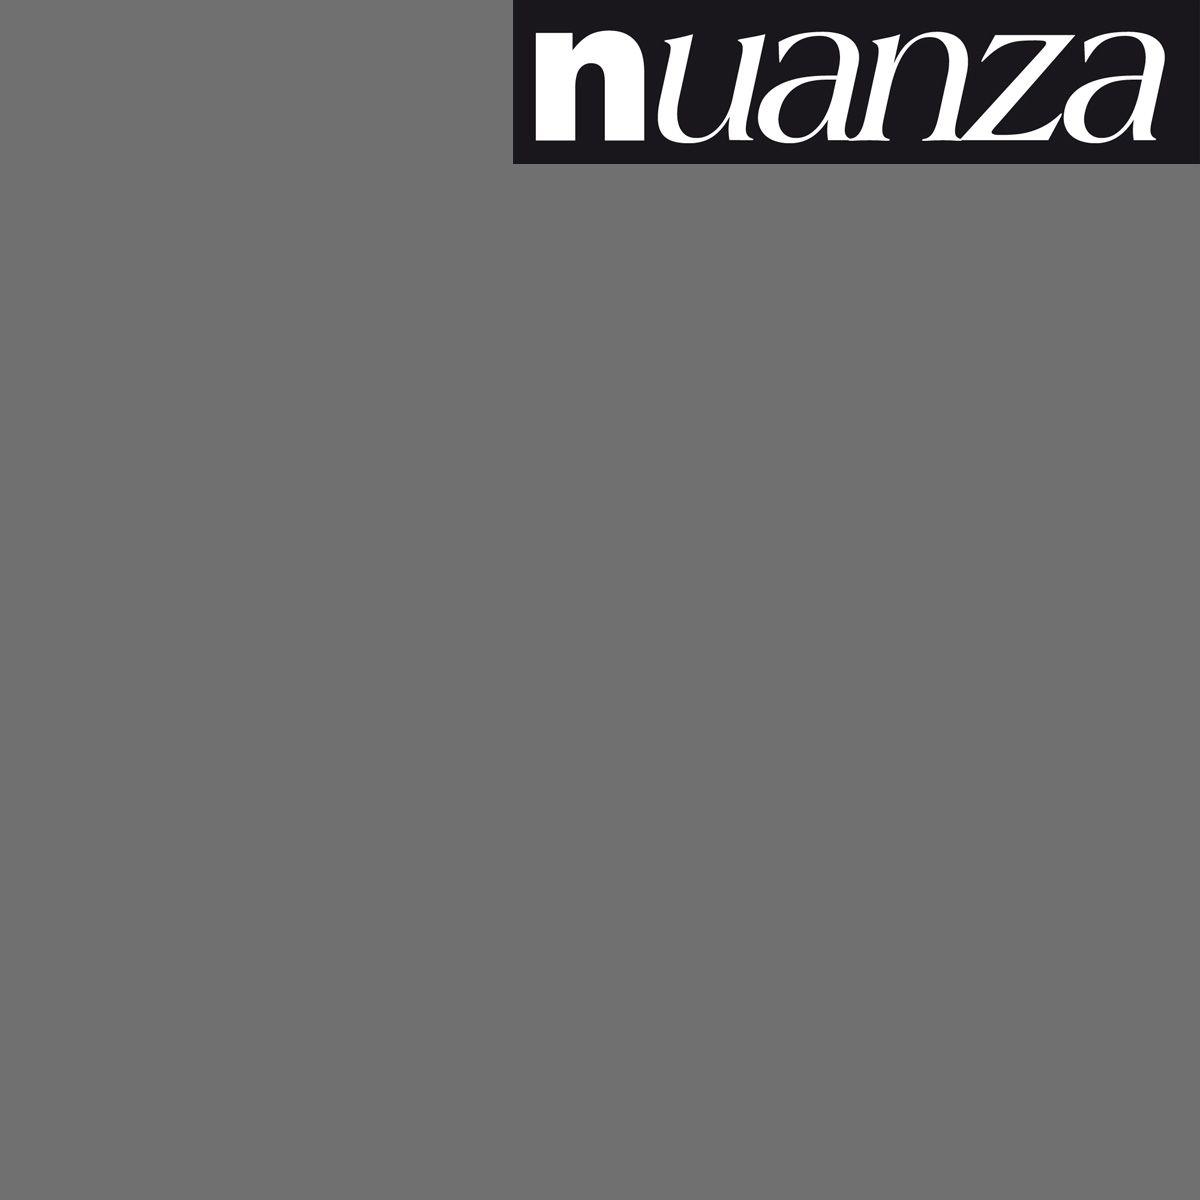 Peinture anthracite satin murs et boiseries Nuanza 2.5l